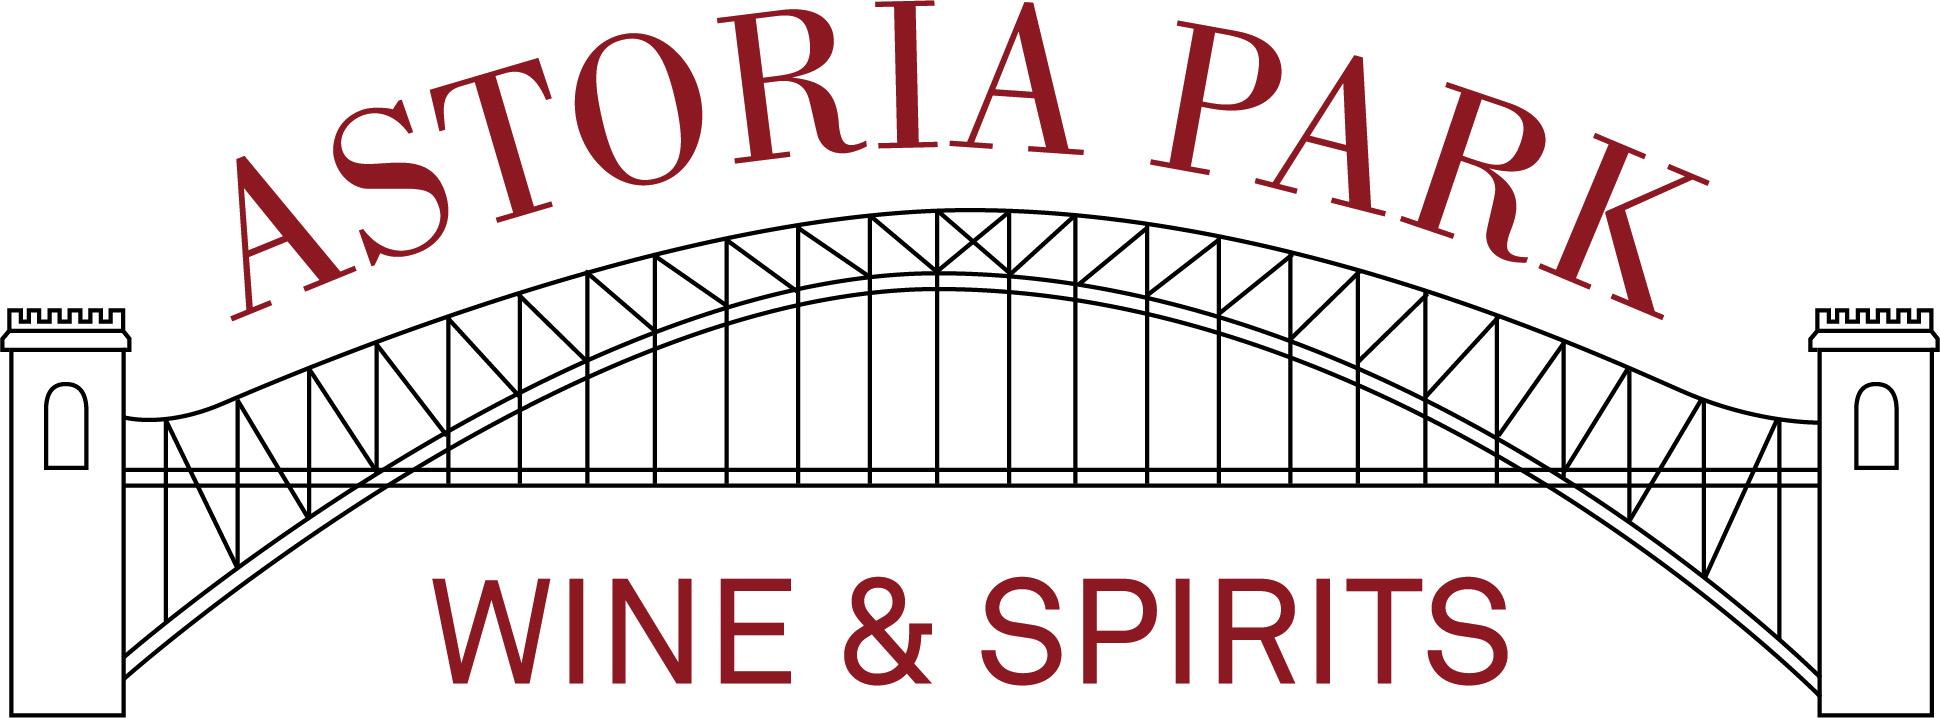 Astoria Park Wine & Spirts logo